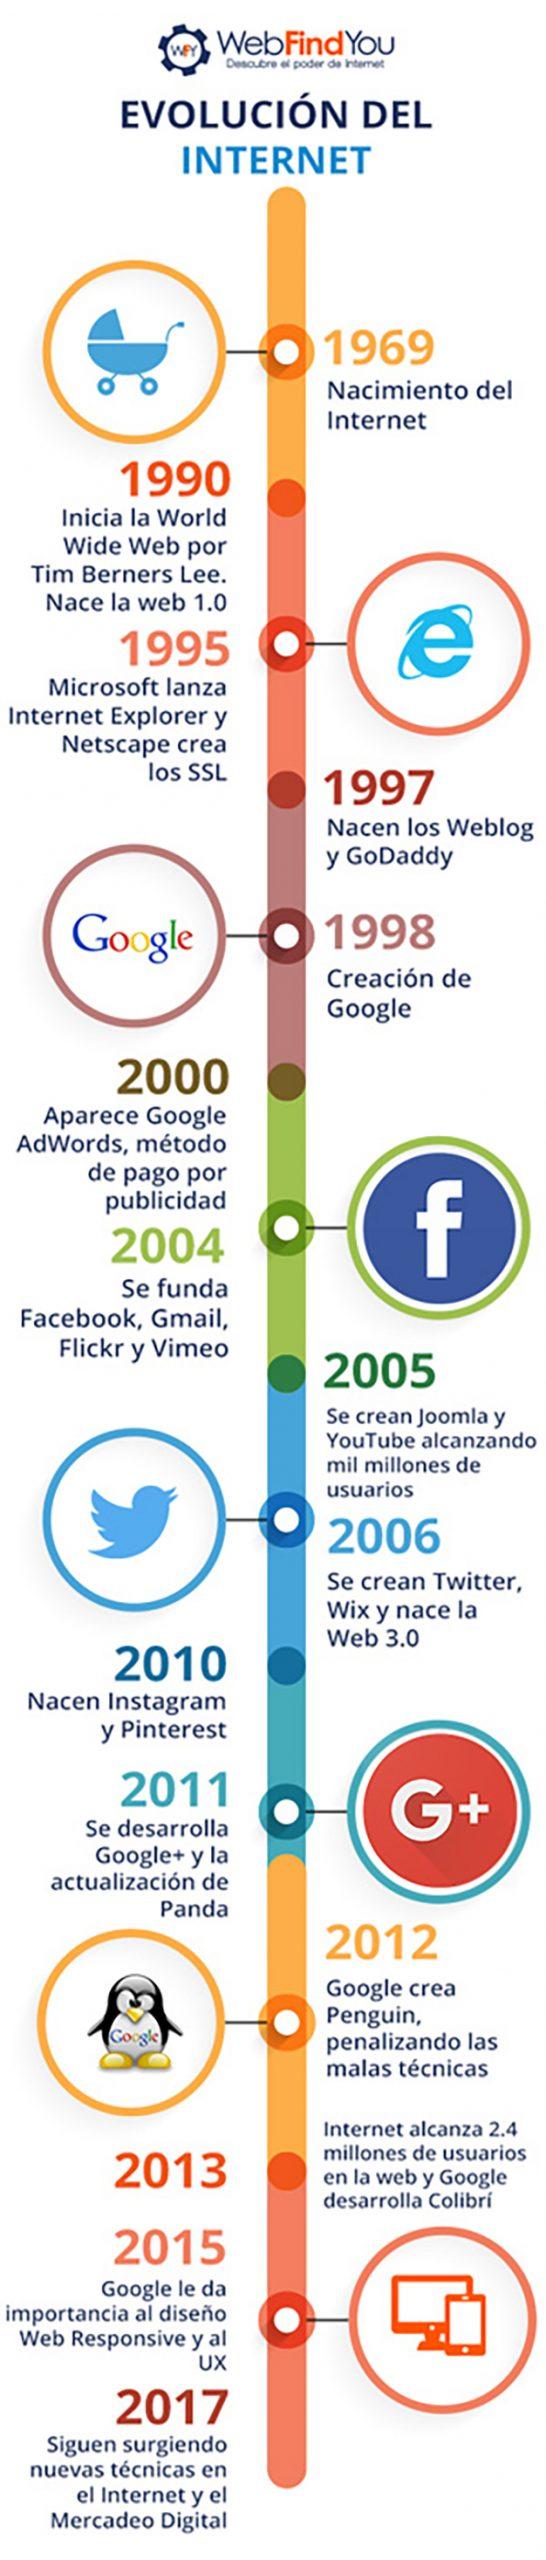 evolucion internet desde su creación